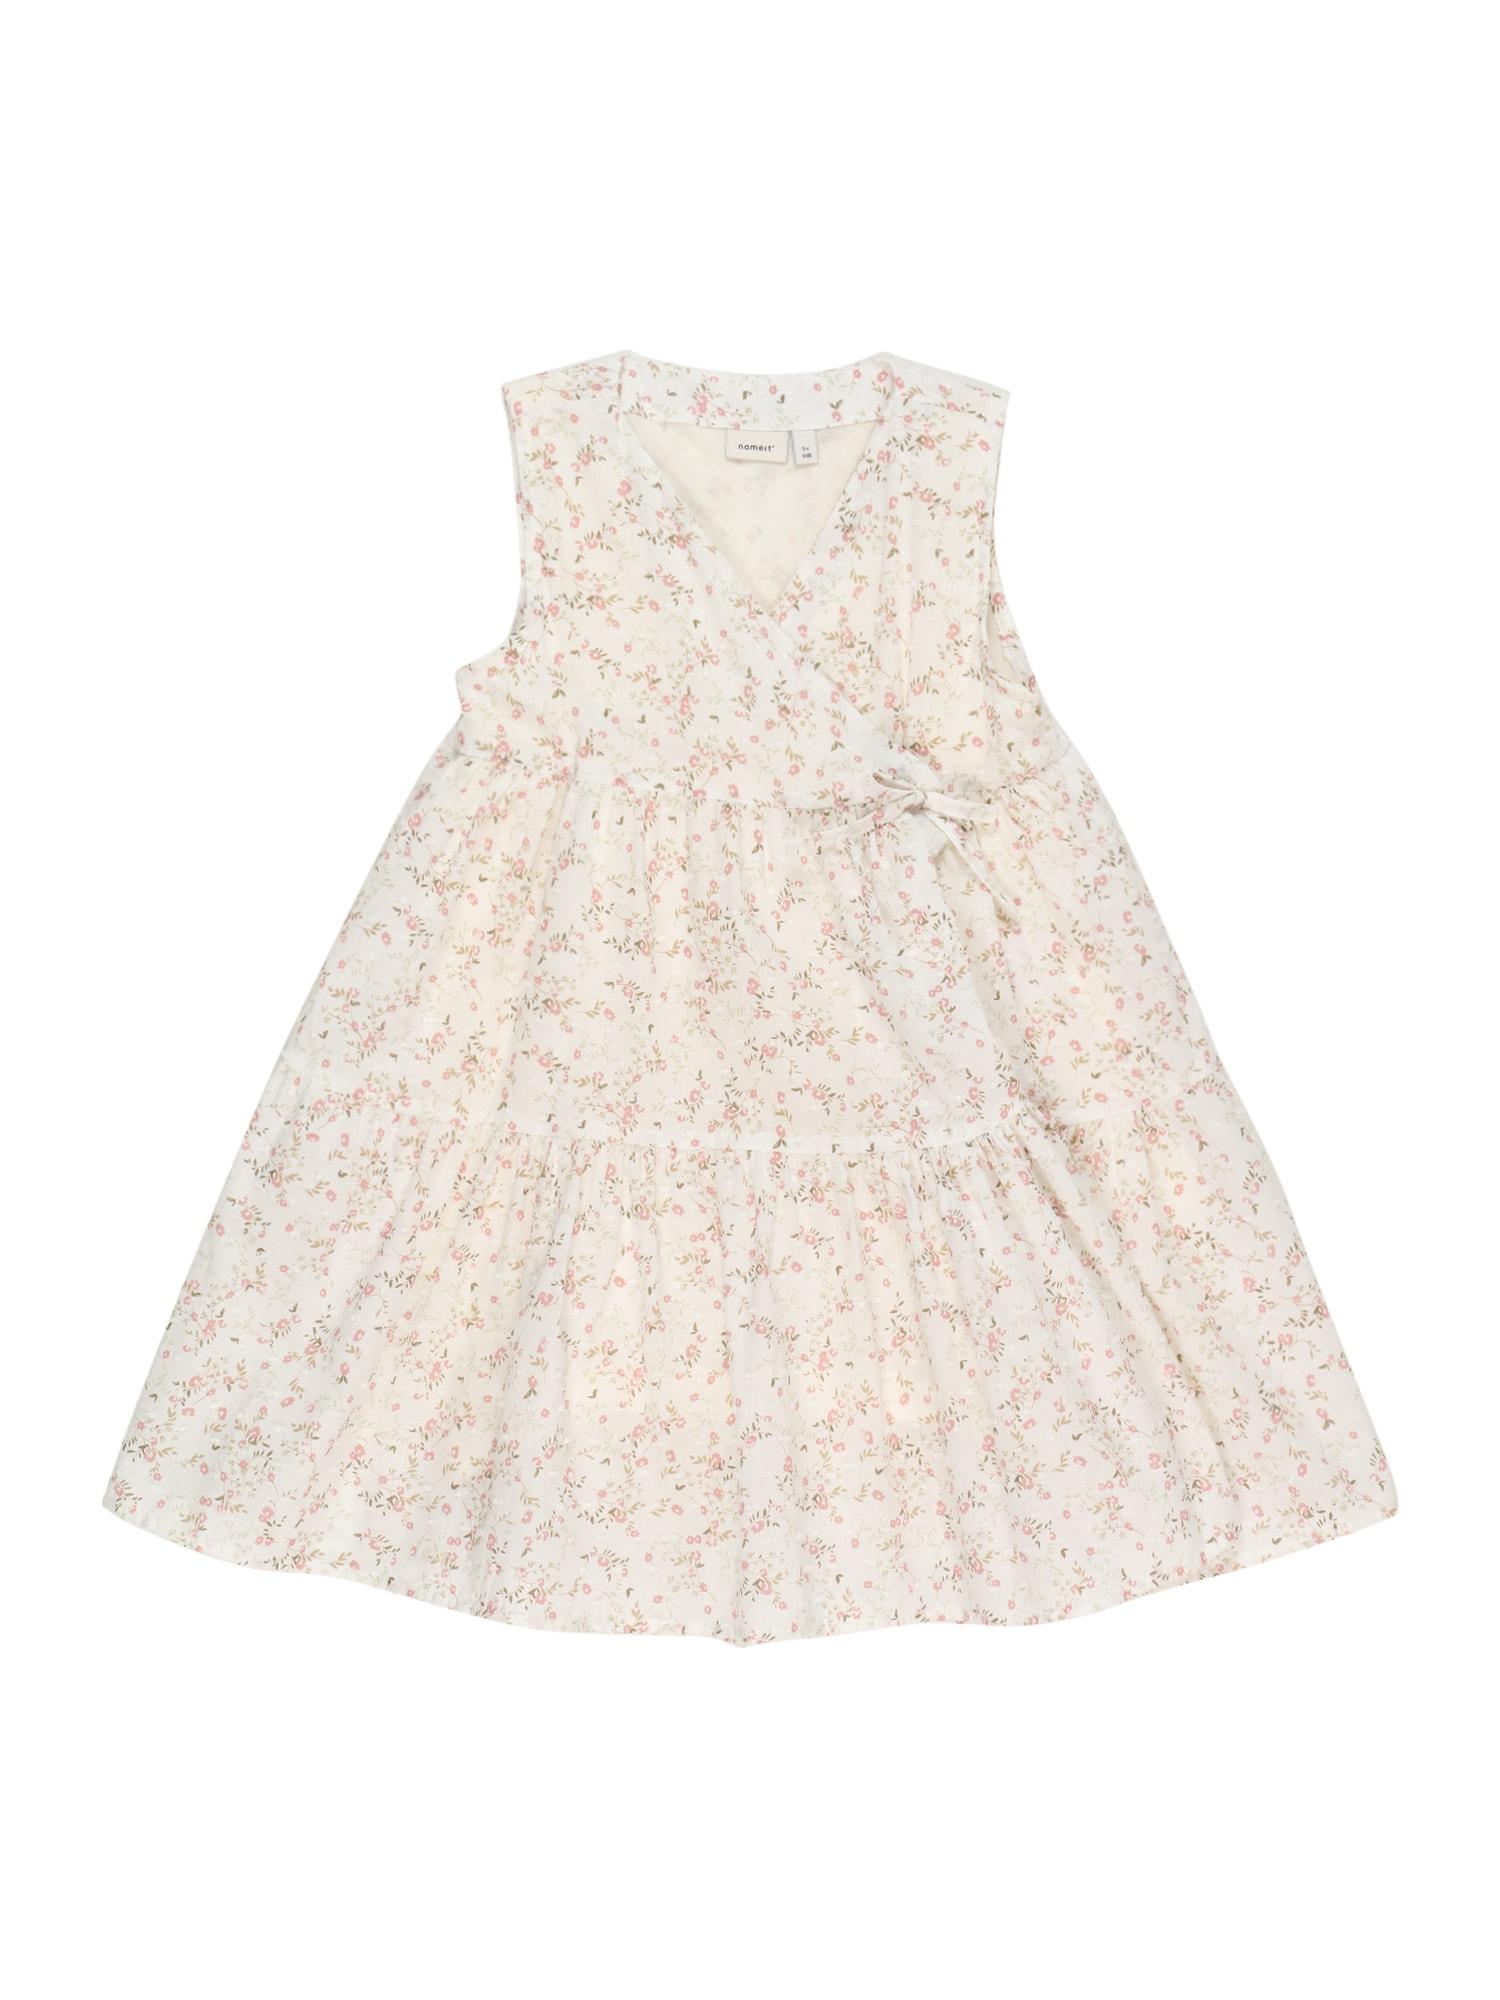 NAME IT Suknelė 'FIREANT SPENCER' balta / ryškiai rožinė spalva / citrinos spalva